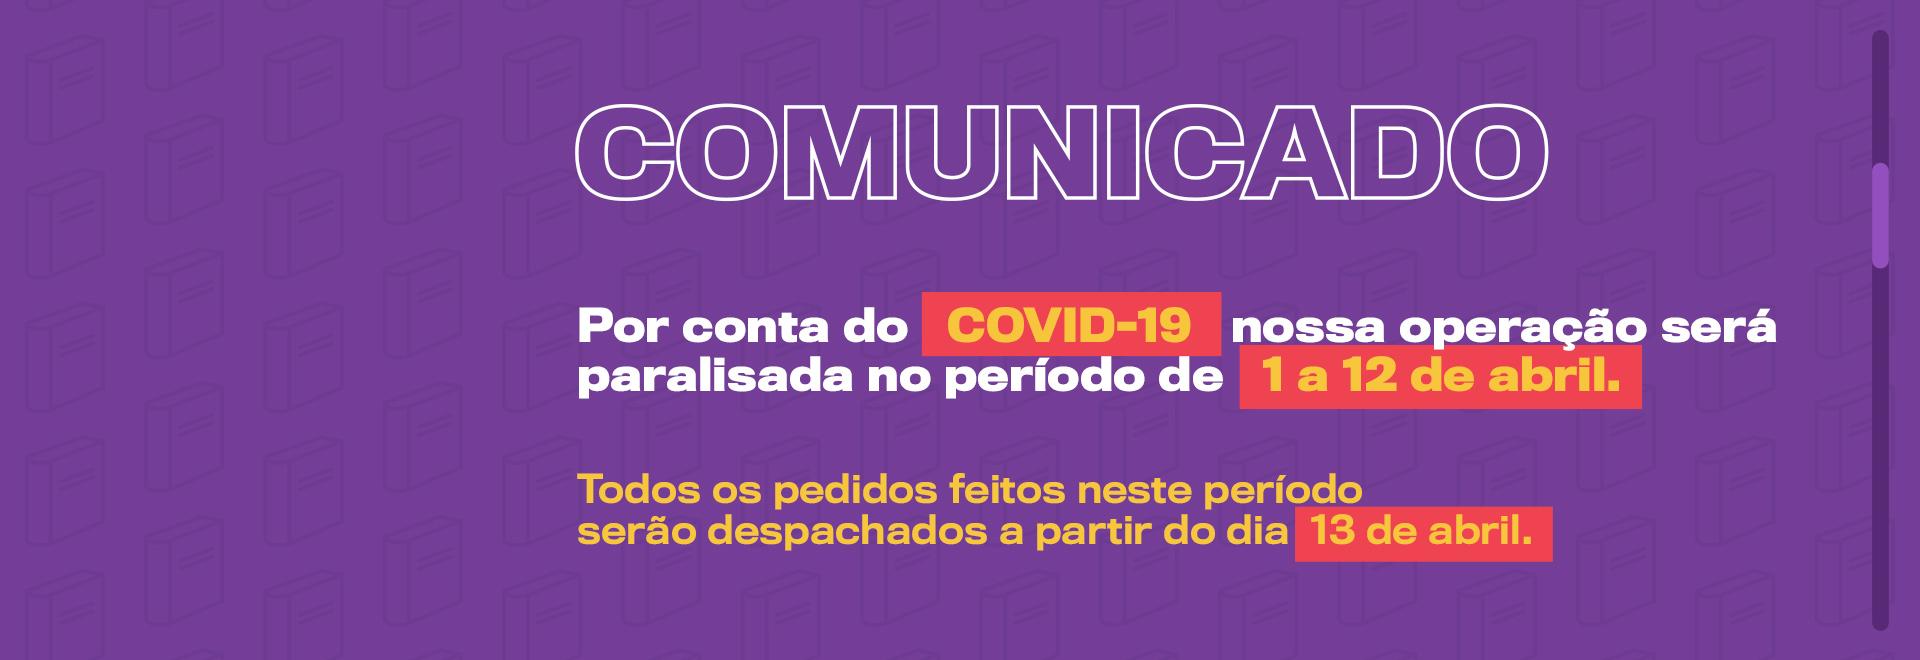 Covid-19 | Comunicado